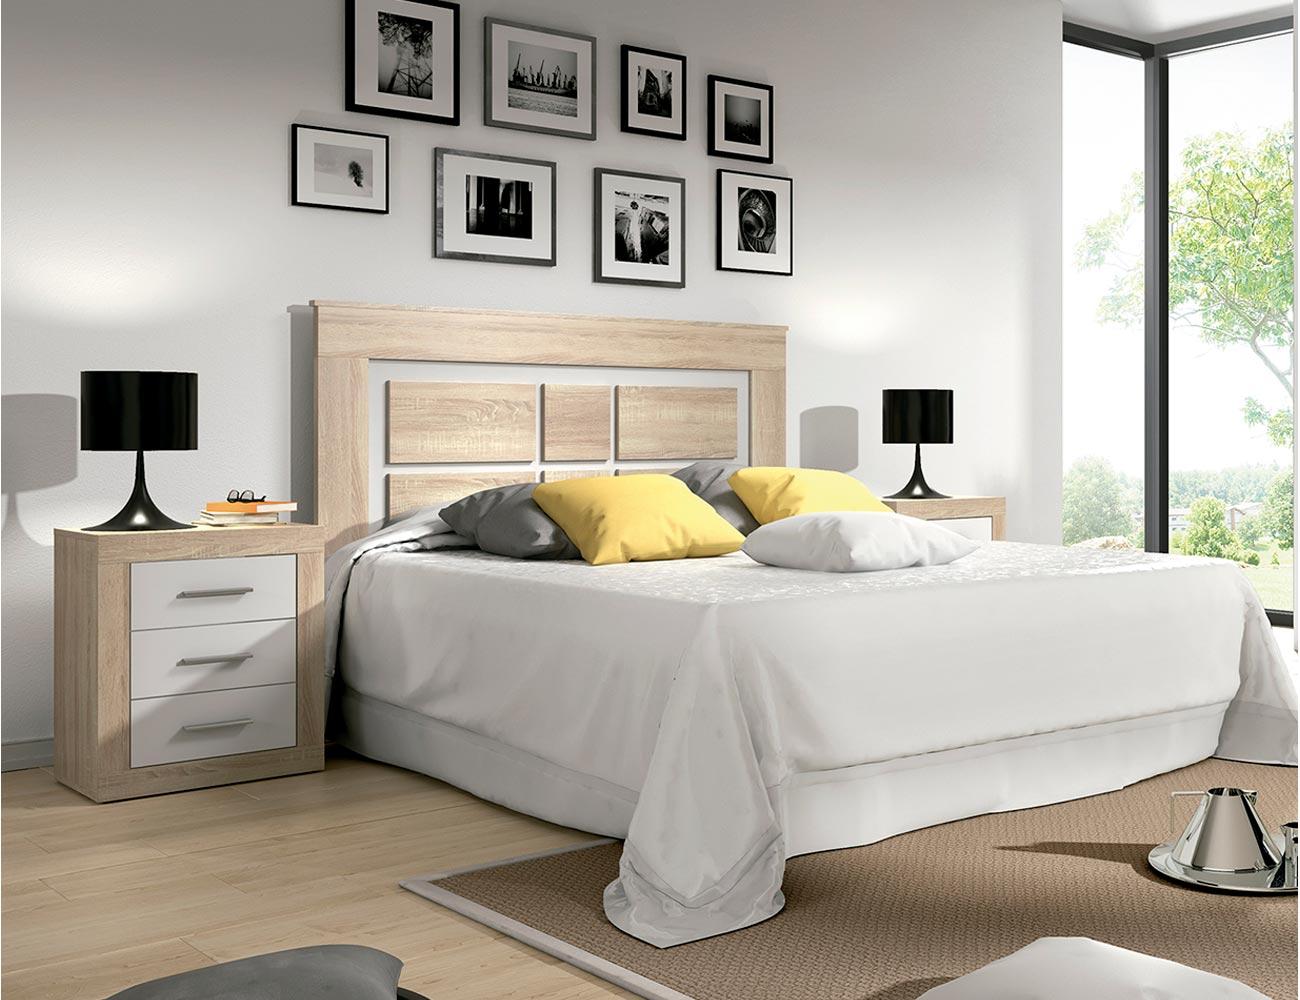 Dormitorio matrimonio estilo moderno cambrian blanco factory del mueble utrera - Muebles utrera ...